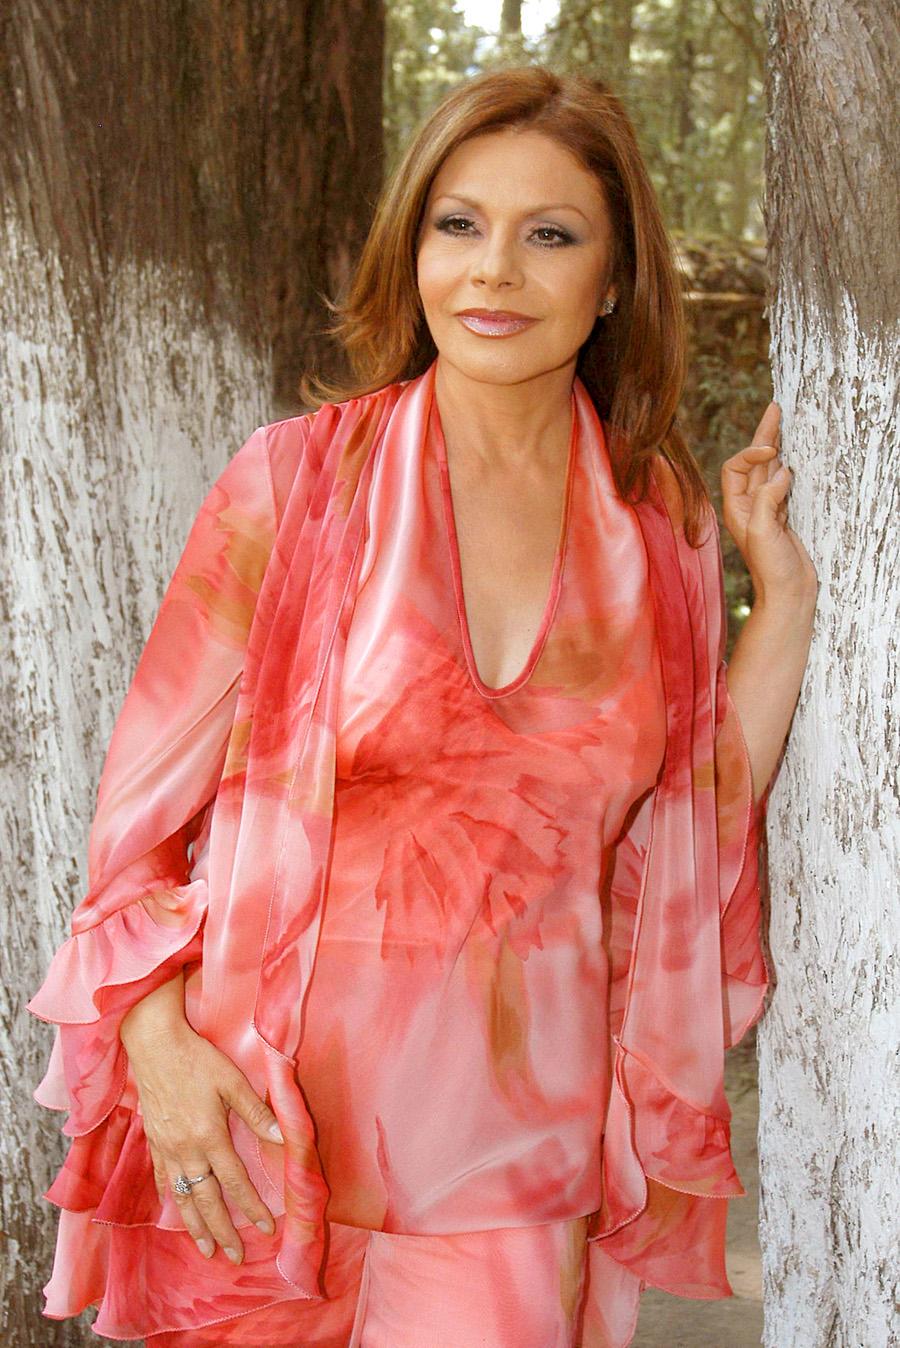 Maria Sorte Nude Photos 87